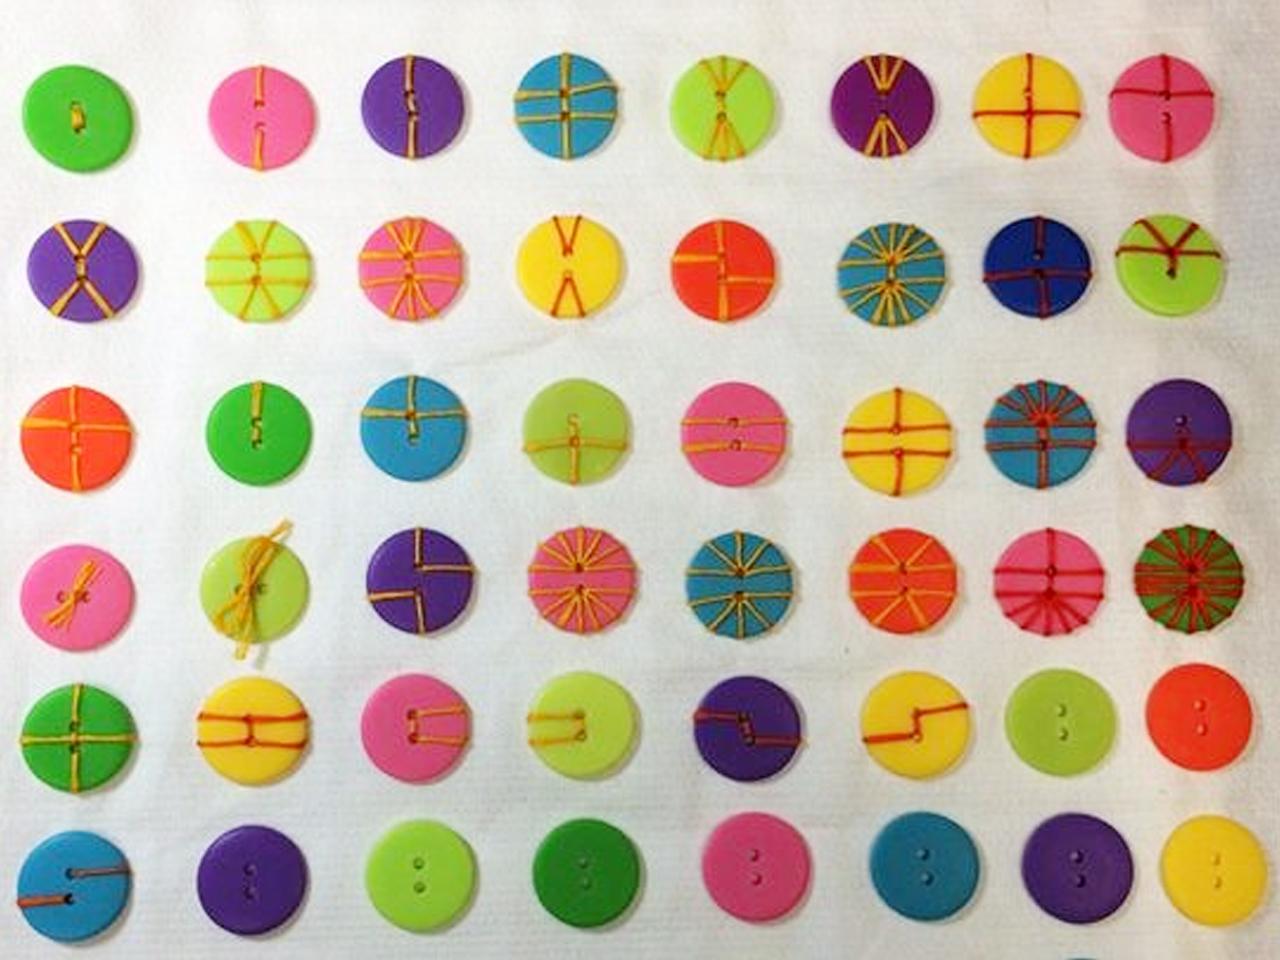 Más de 150 manualidades con botones de colores!